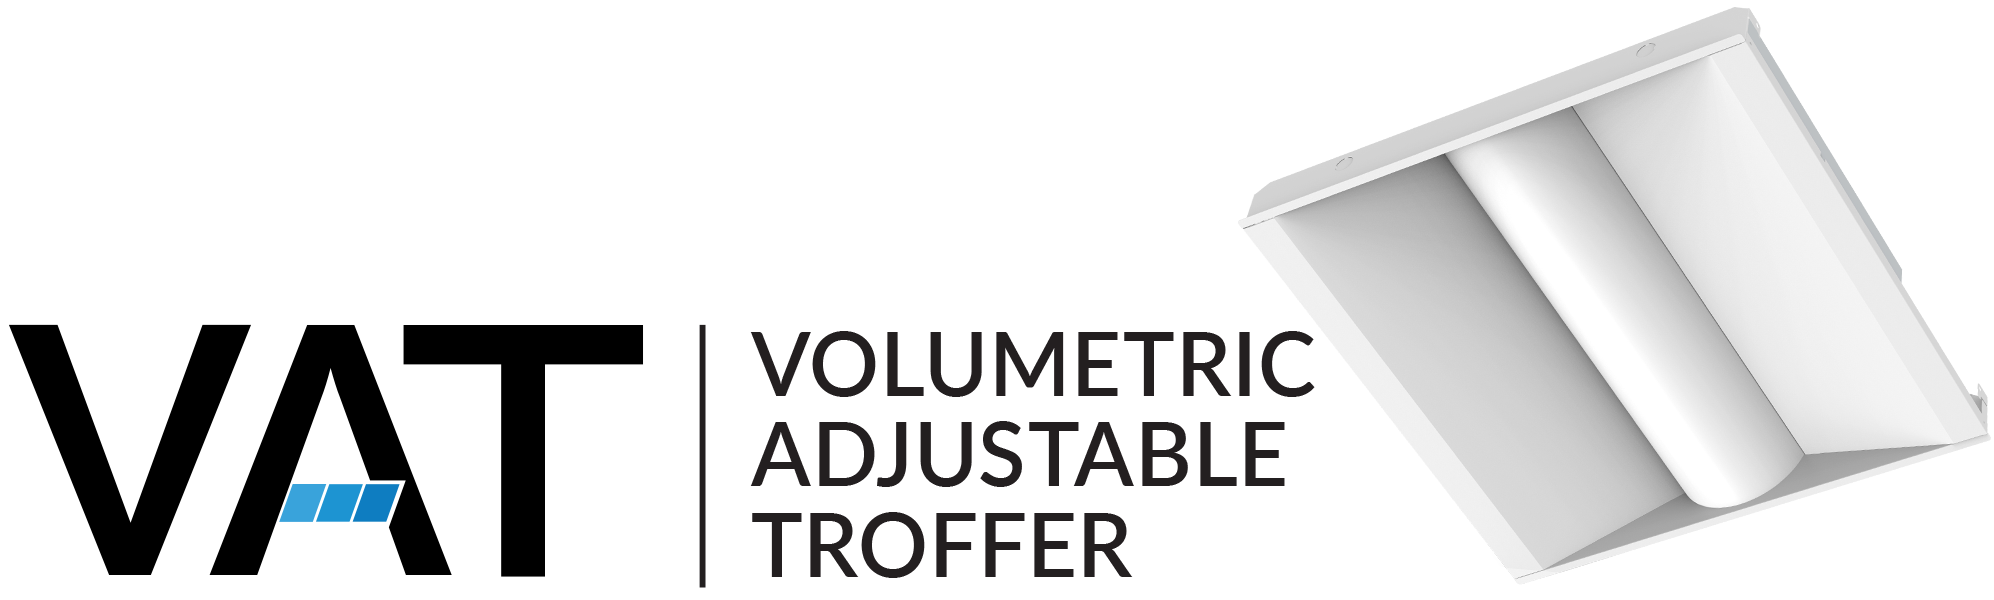 VAT-logo-name-banner